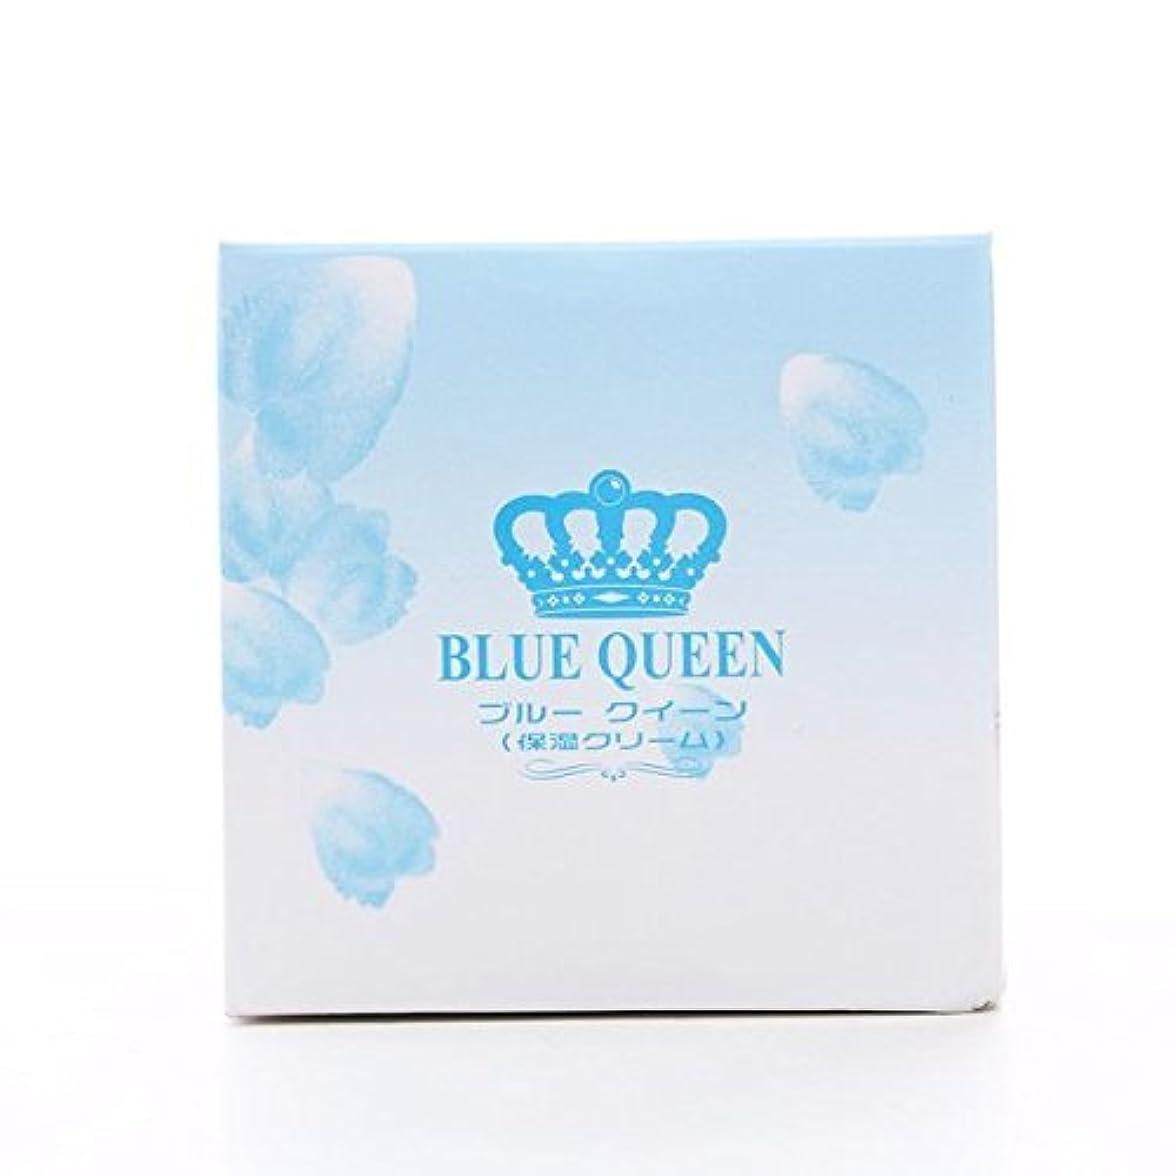 工場お手入れプレビスサイトブルー クイーン BLUE QUEEN